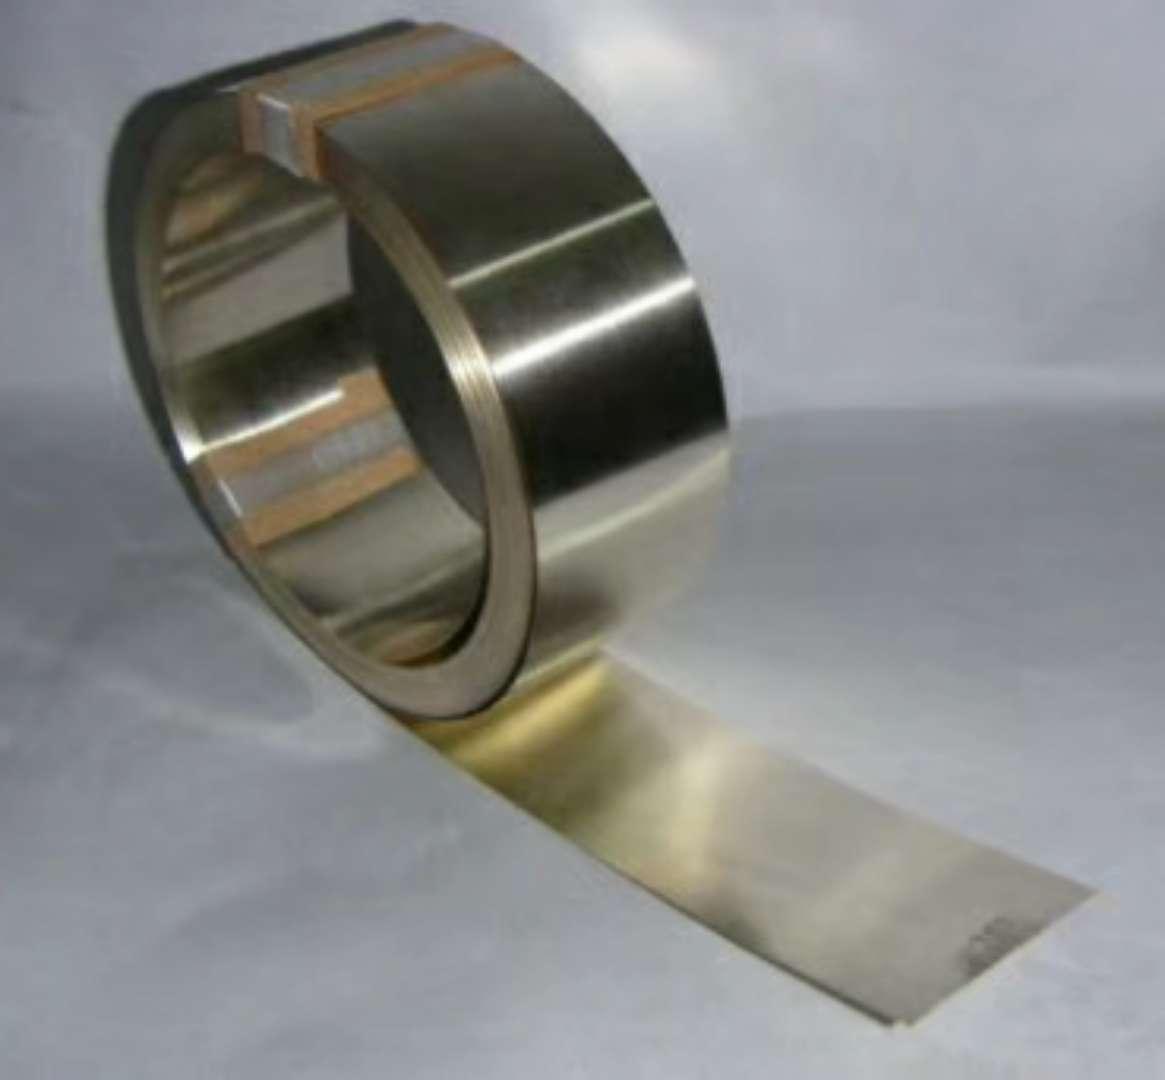 银铜焊片  HL312银焊带 五金工具刀具机电专用焊片 各种规格银焊